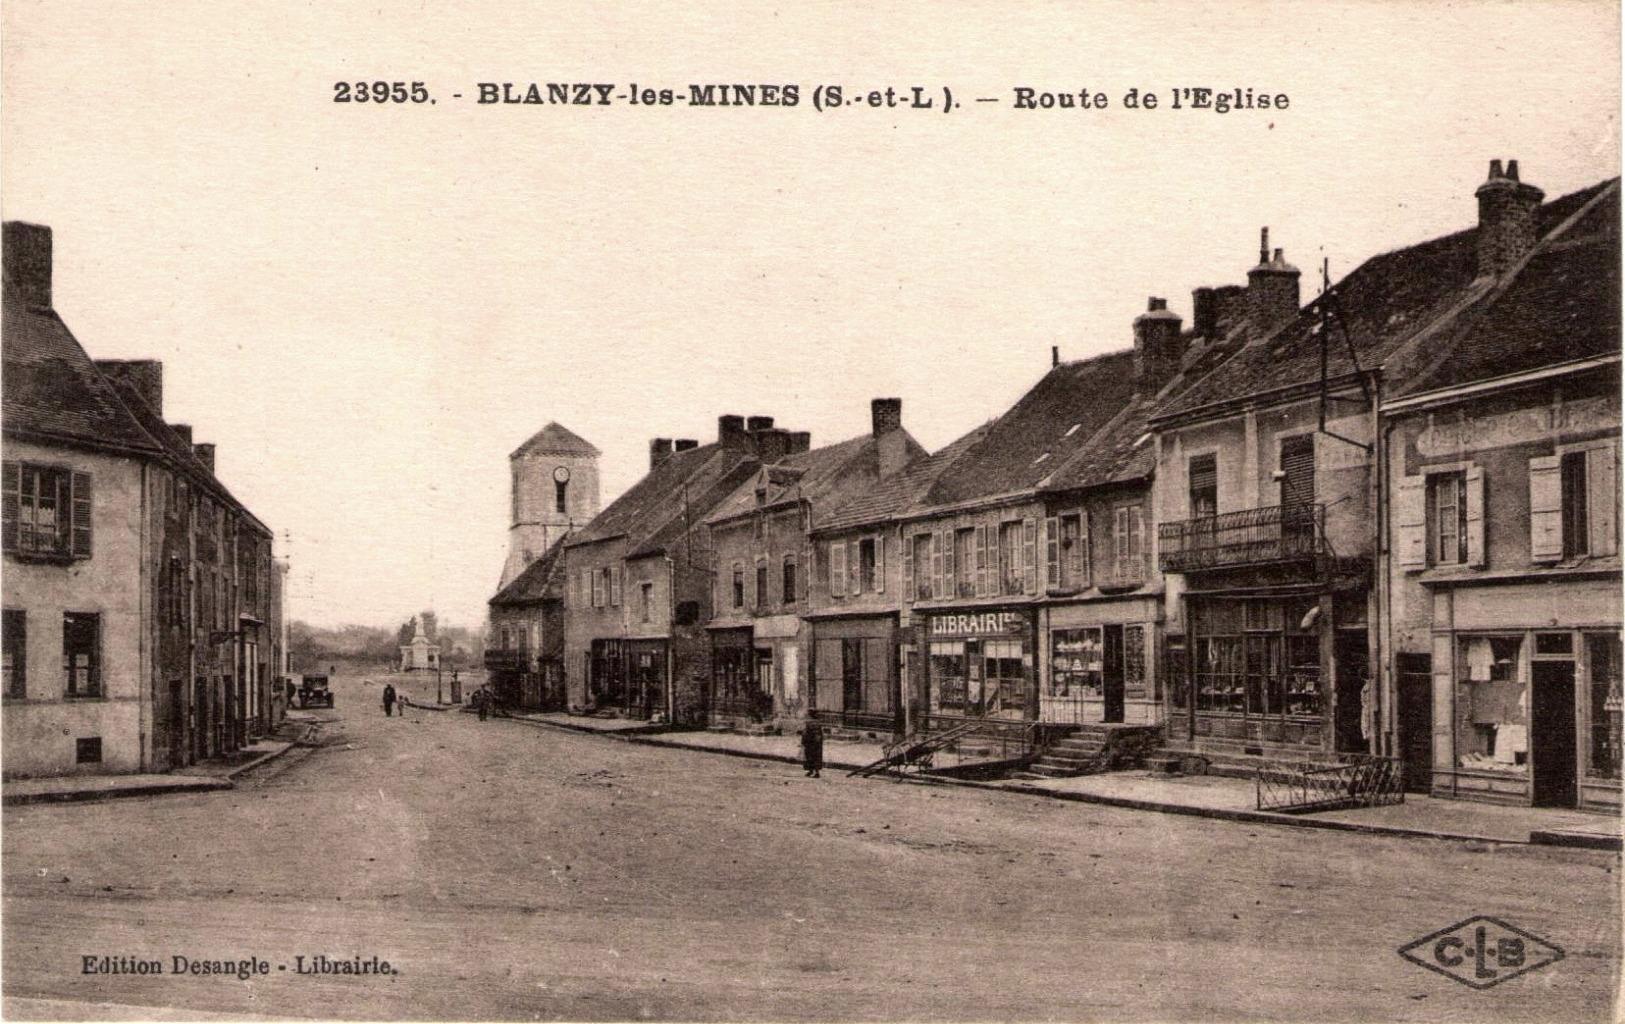 Blanzy (Saône-et-Loire) La route de l'église CPA